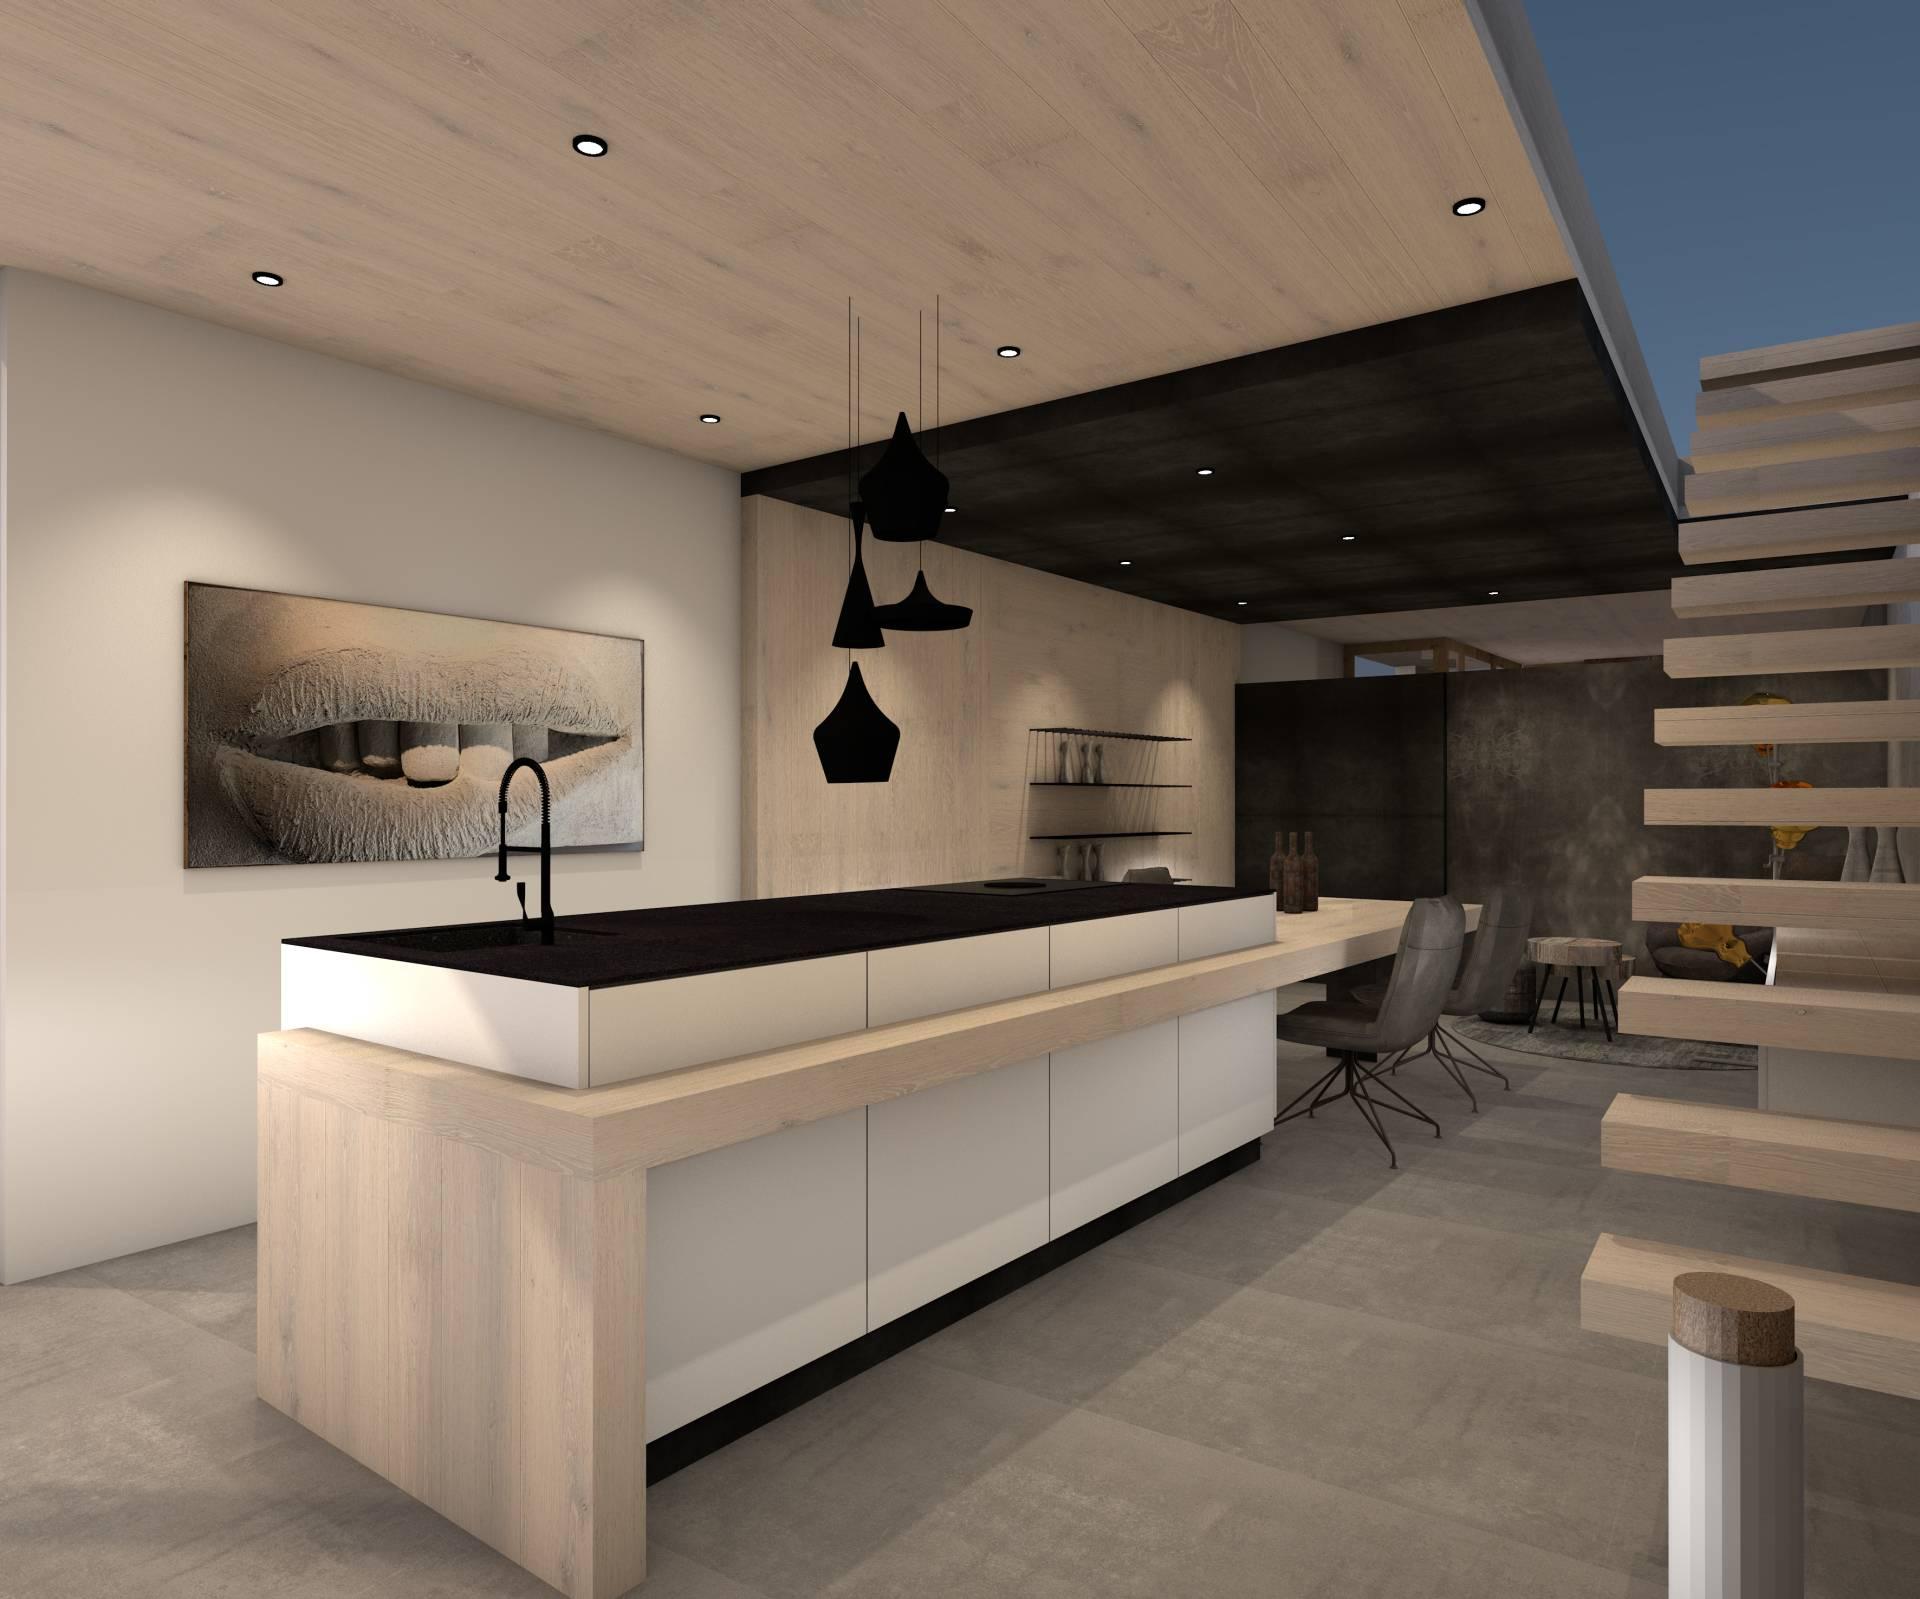 Planung futuristische Küche